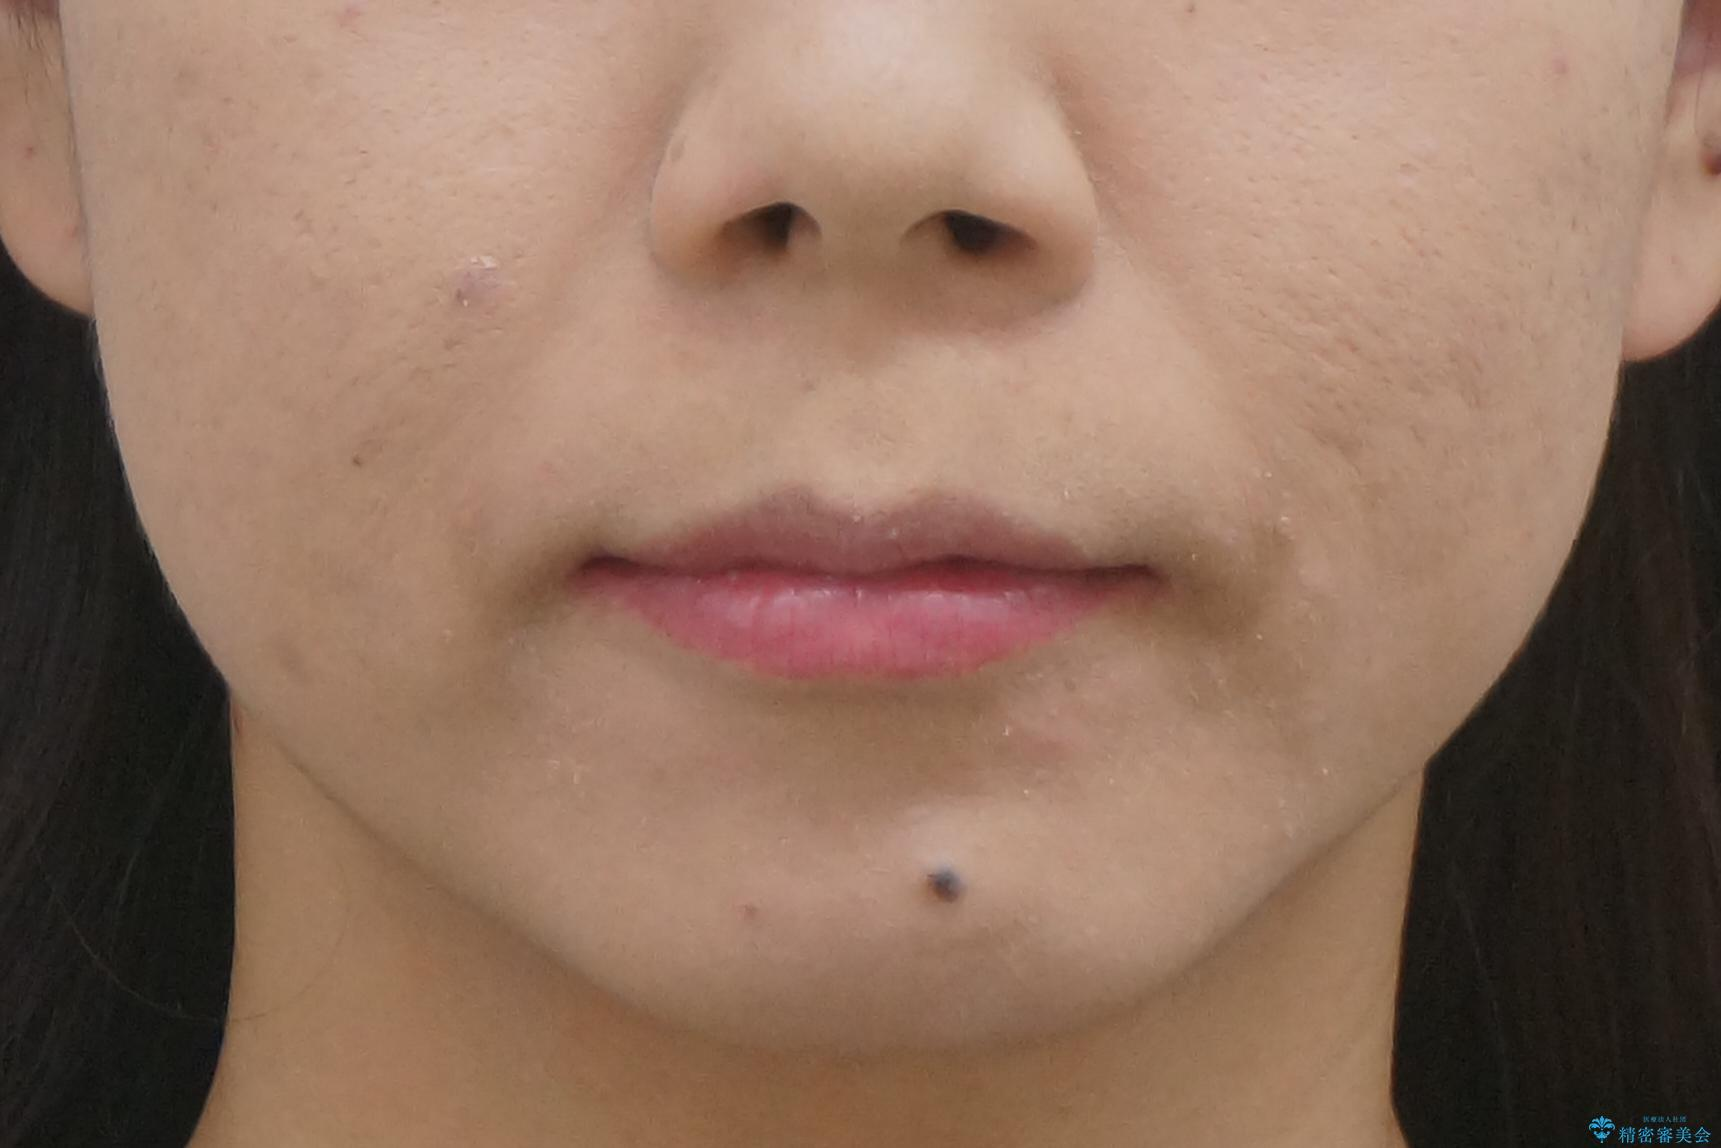 出っ歯 下の歯のガタガタ 下の前歯のみ1本抜歯 マウスピースで1年の治療後(顔貌)